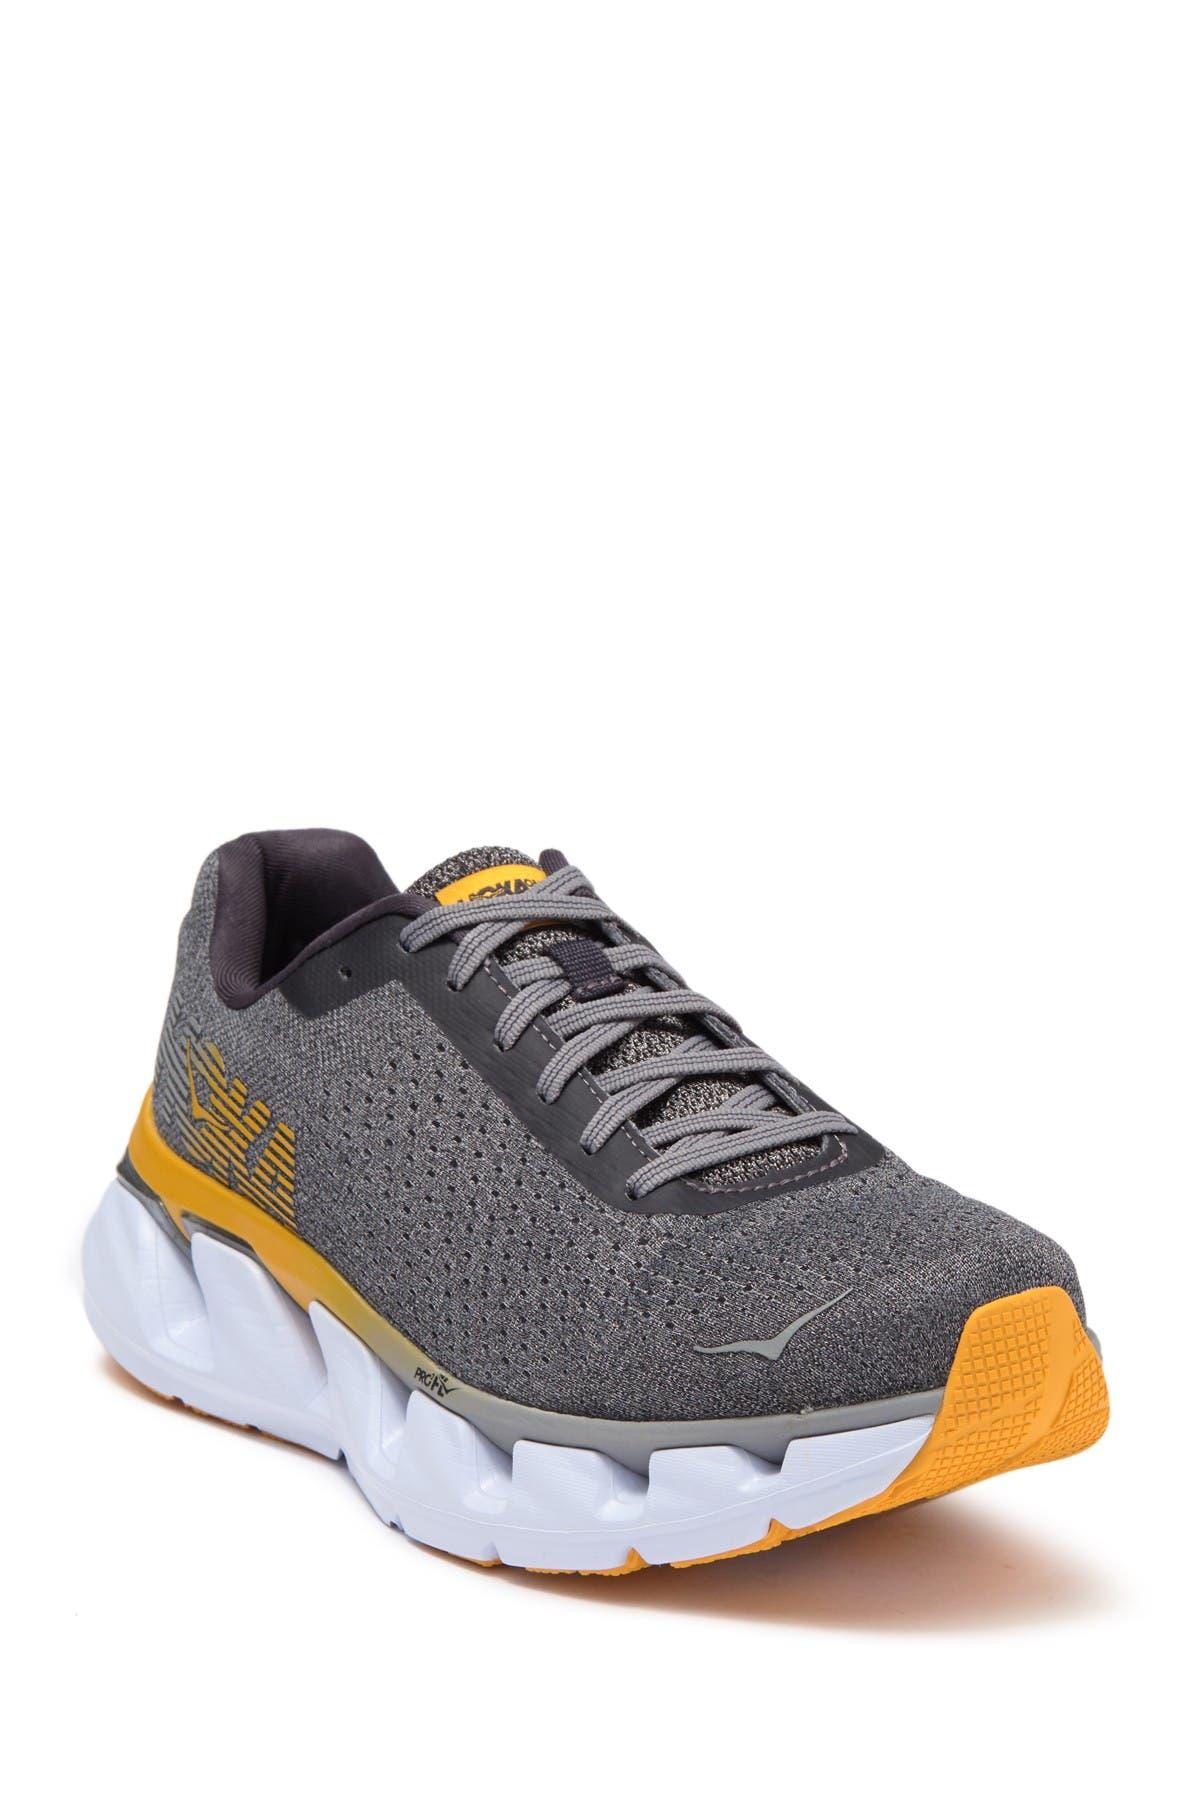 HOKA ONE ONE   Elevon Road Running Shoe